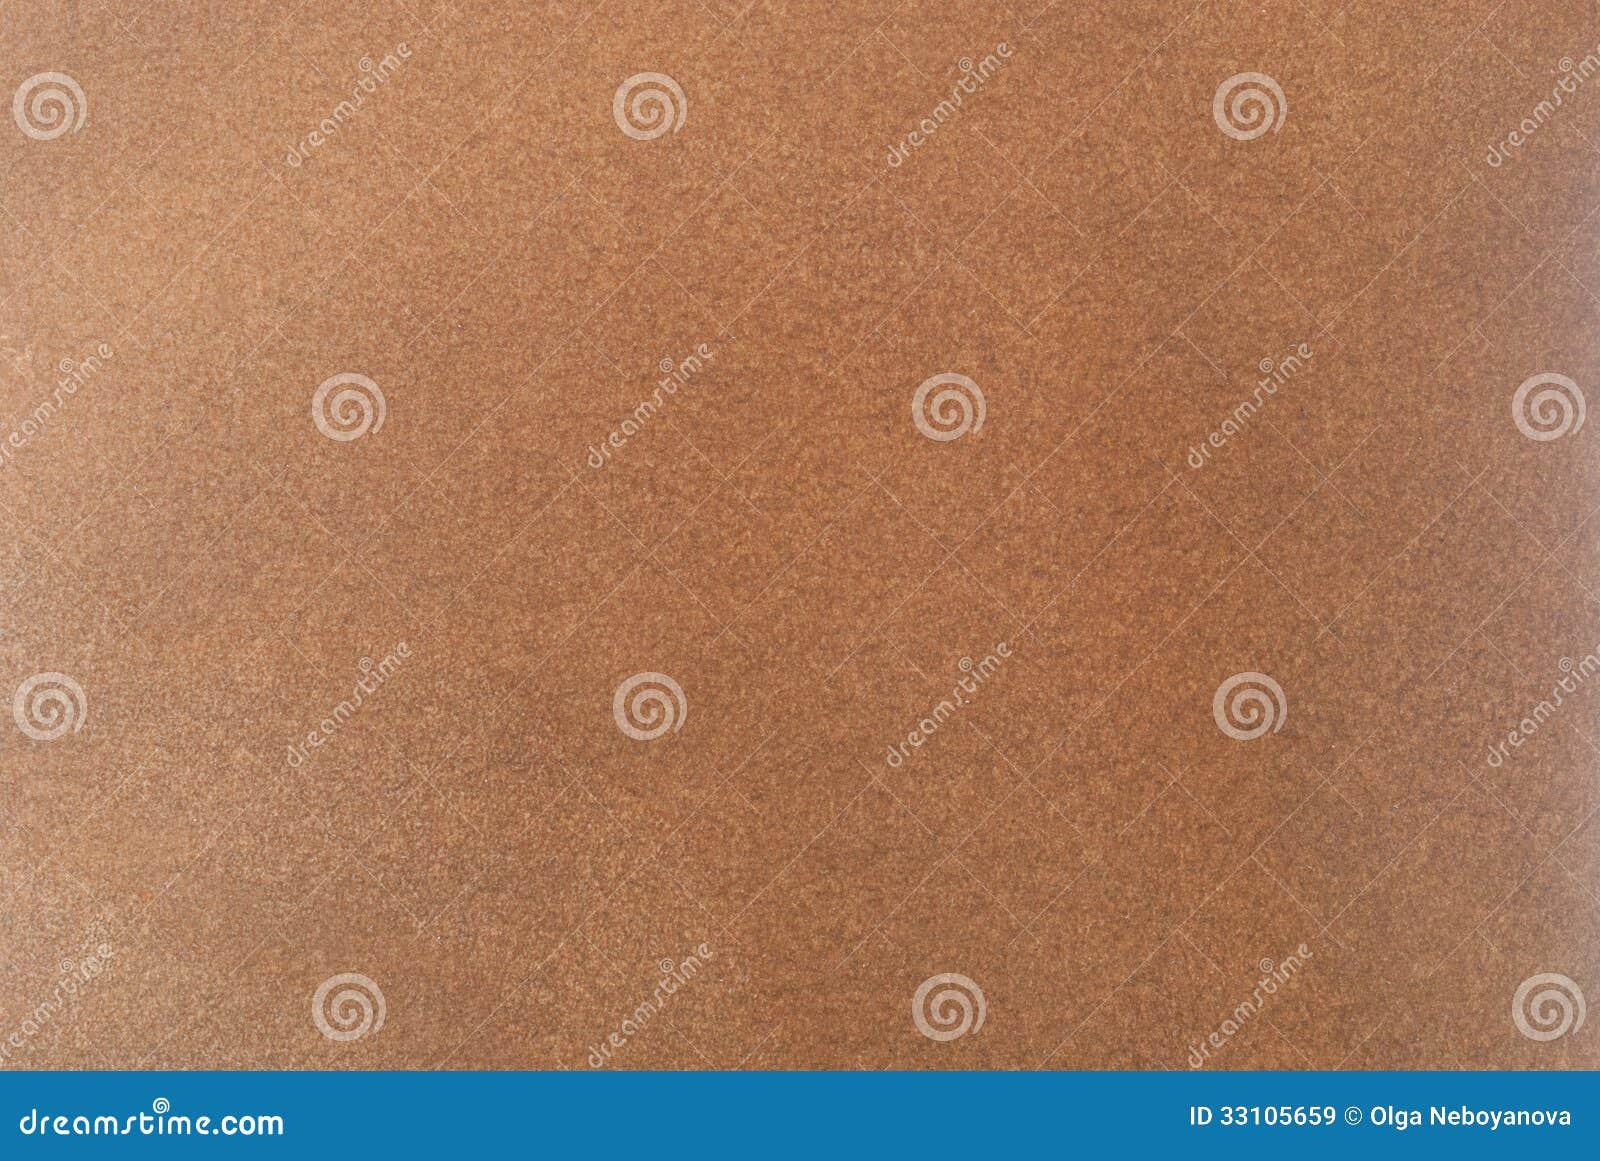 Textura del cuero de gamuza marrón